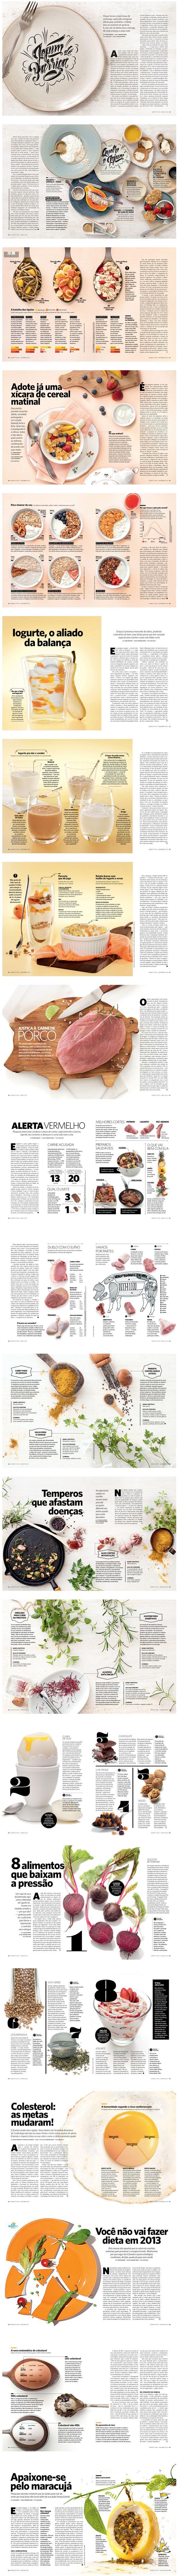 美食杂志设计 | 视觉中国